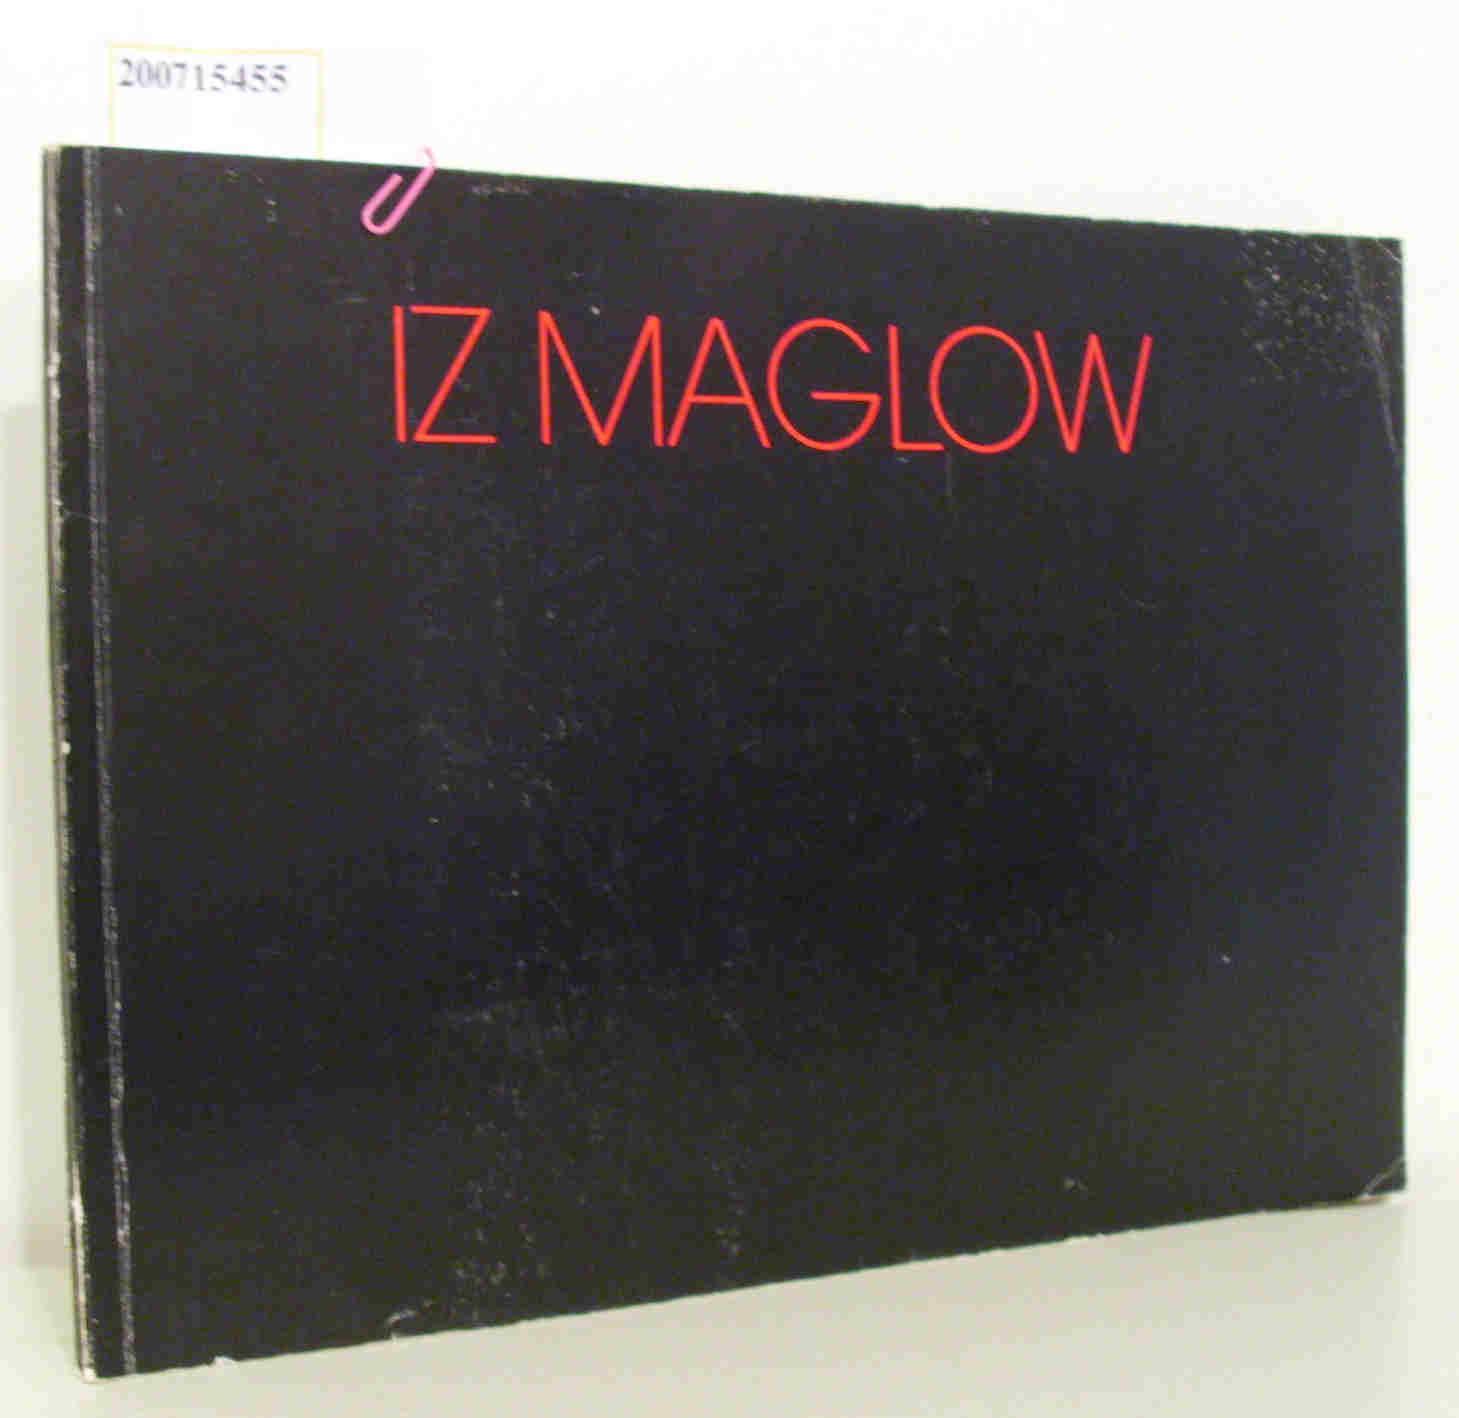 Iz Maglow - Additionen StaatlicheAkademie der Bildenden Künste Stuttgart 22. November bis 5. Dezember 1985